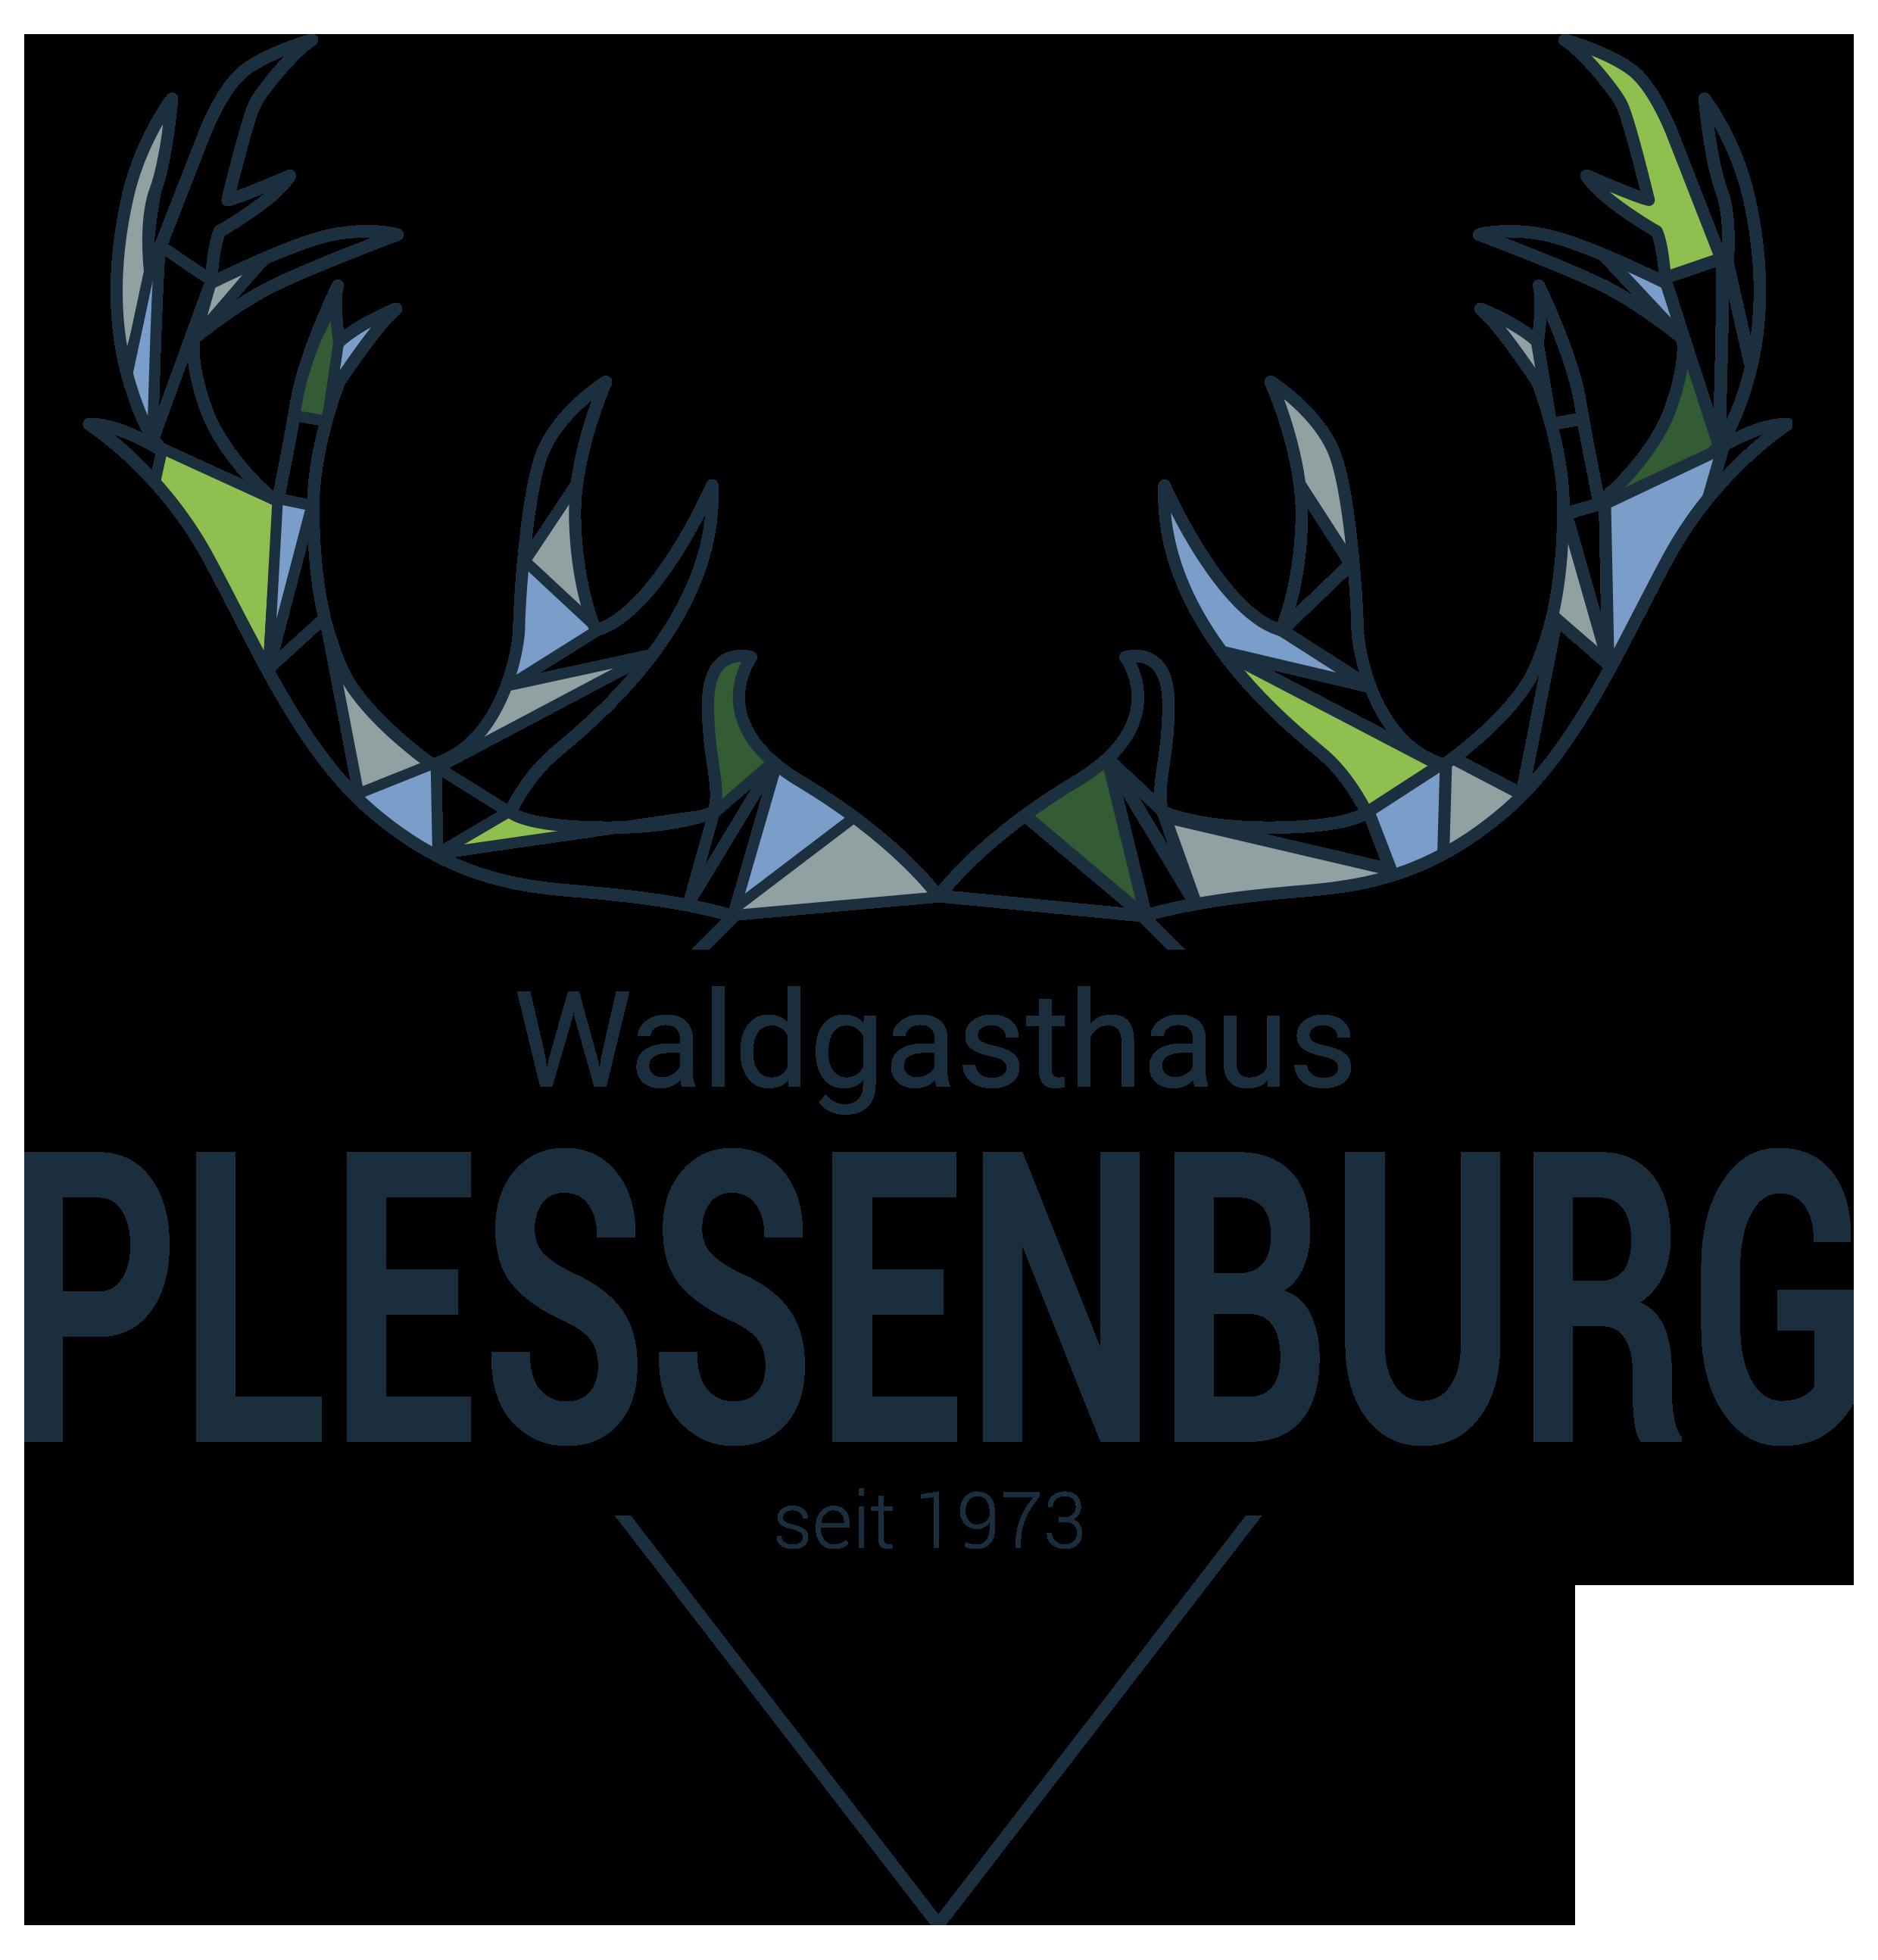 Waldgasthaus Plessenburg